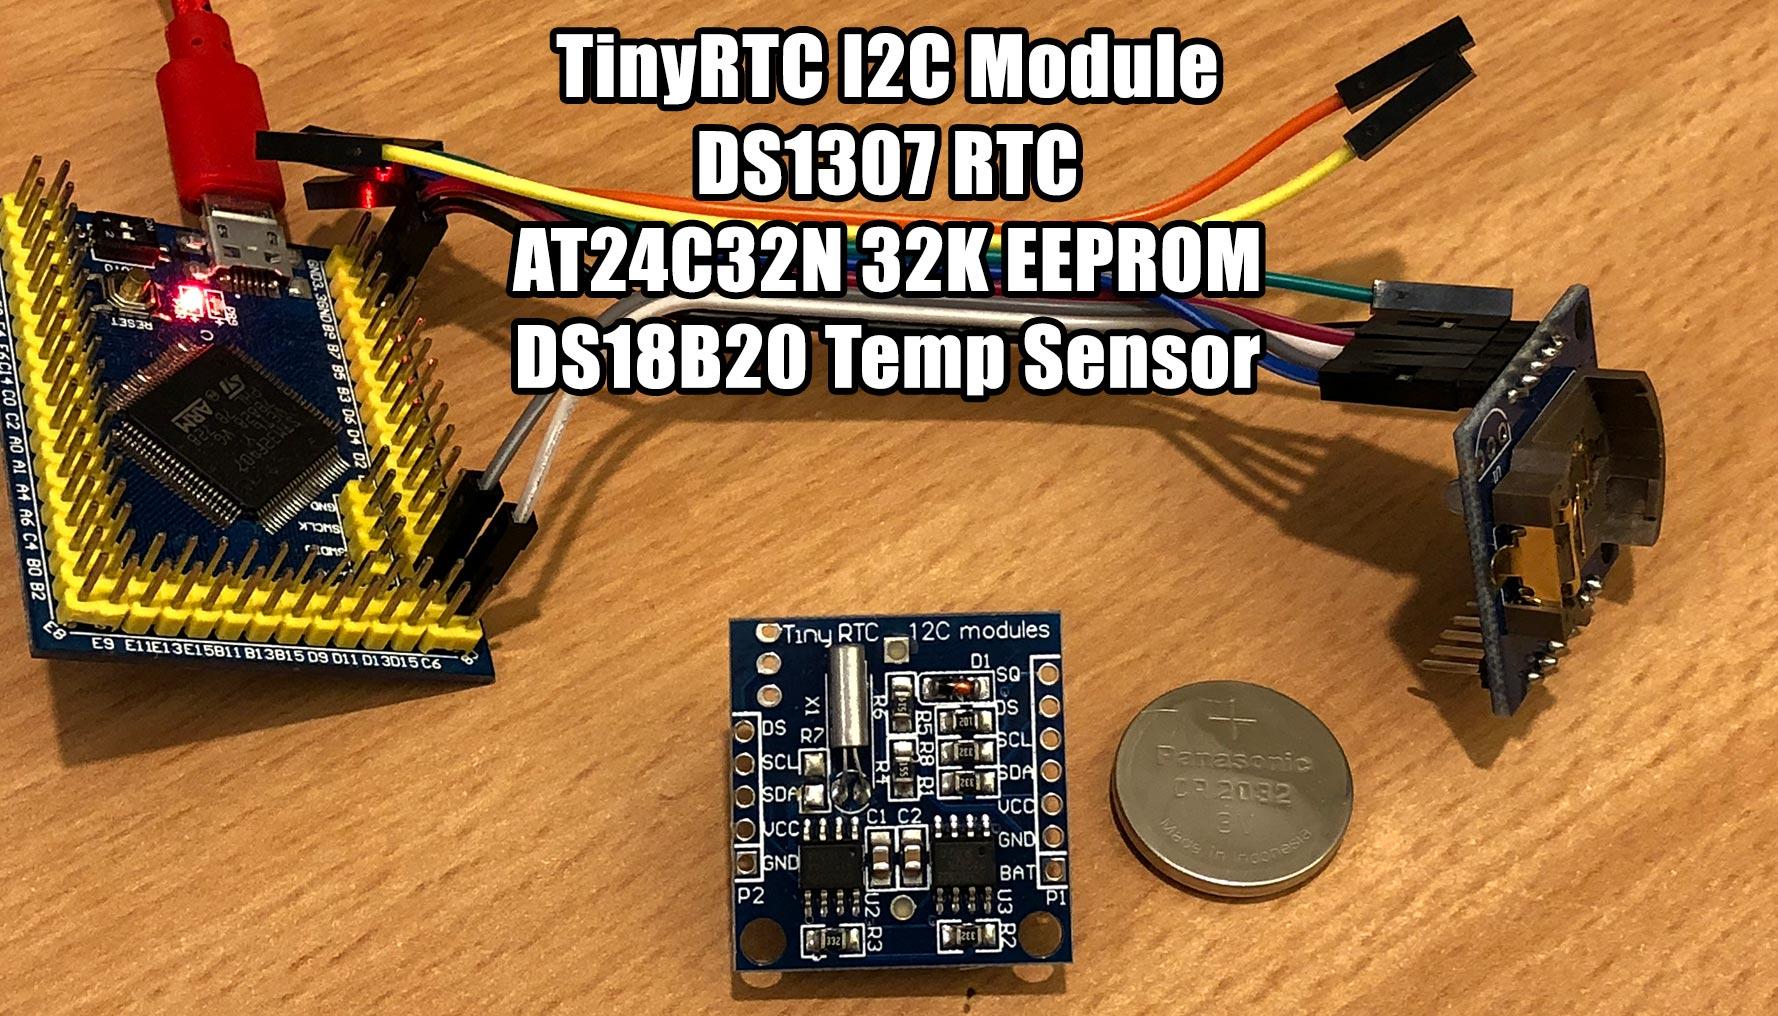 TinyRTC I2C Module DS1307 + AT24C32N - MicroPython Forum